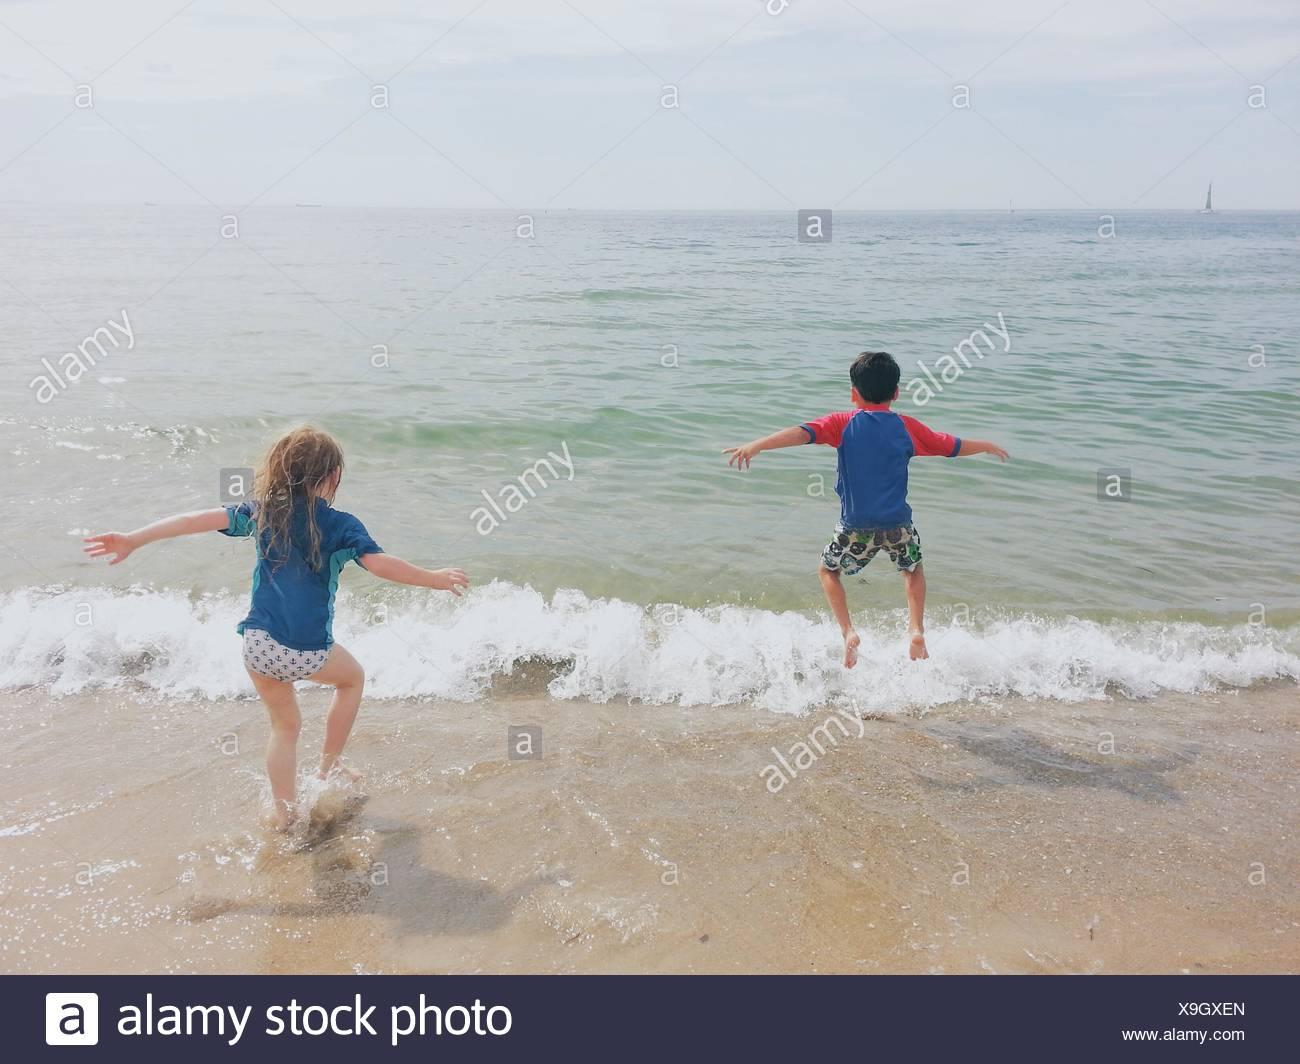 Chico y chica corriendo en el océano Imagen De Stock